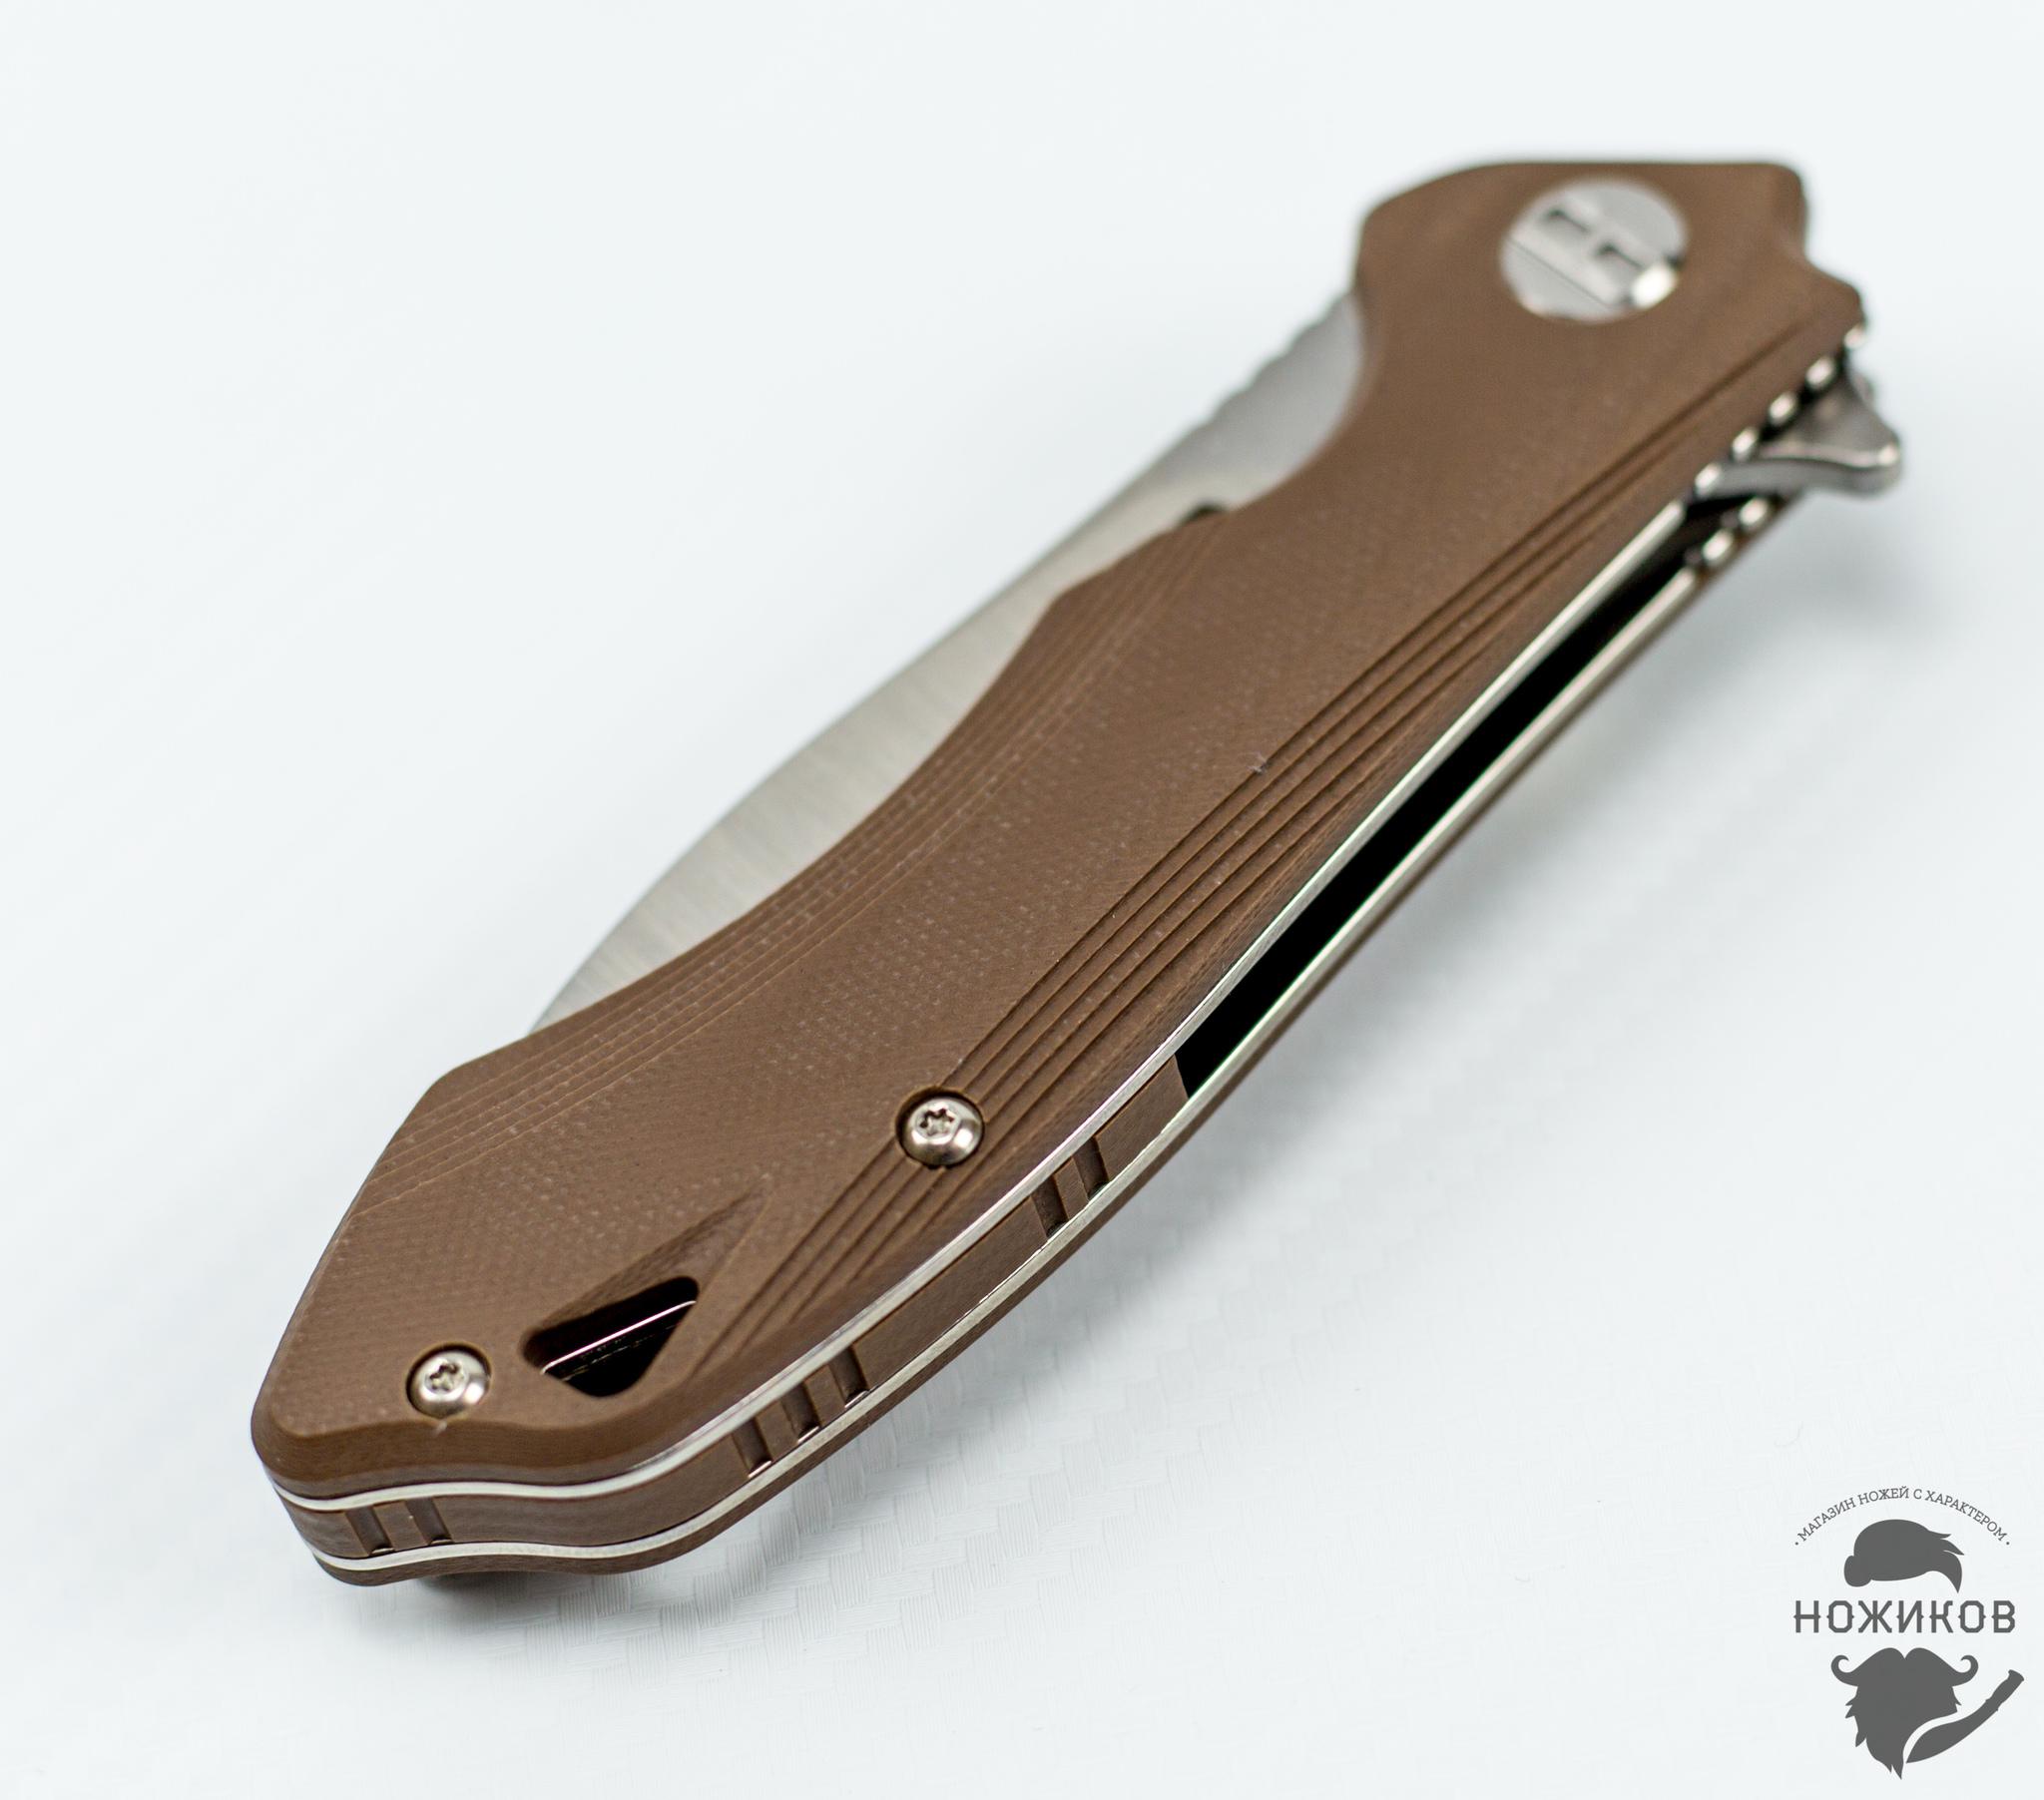 Фото 8 - Складной нож Bestech Beluga BG11C-2, сталь Sandvik 12C27 от Bestech Knives